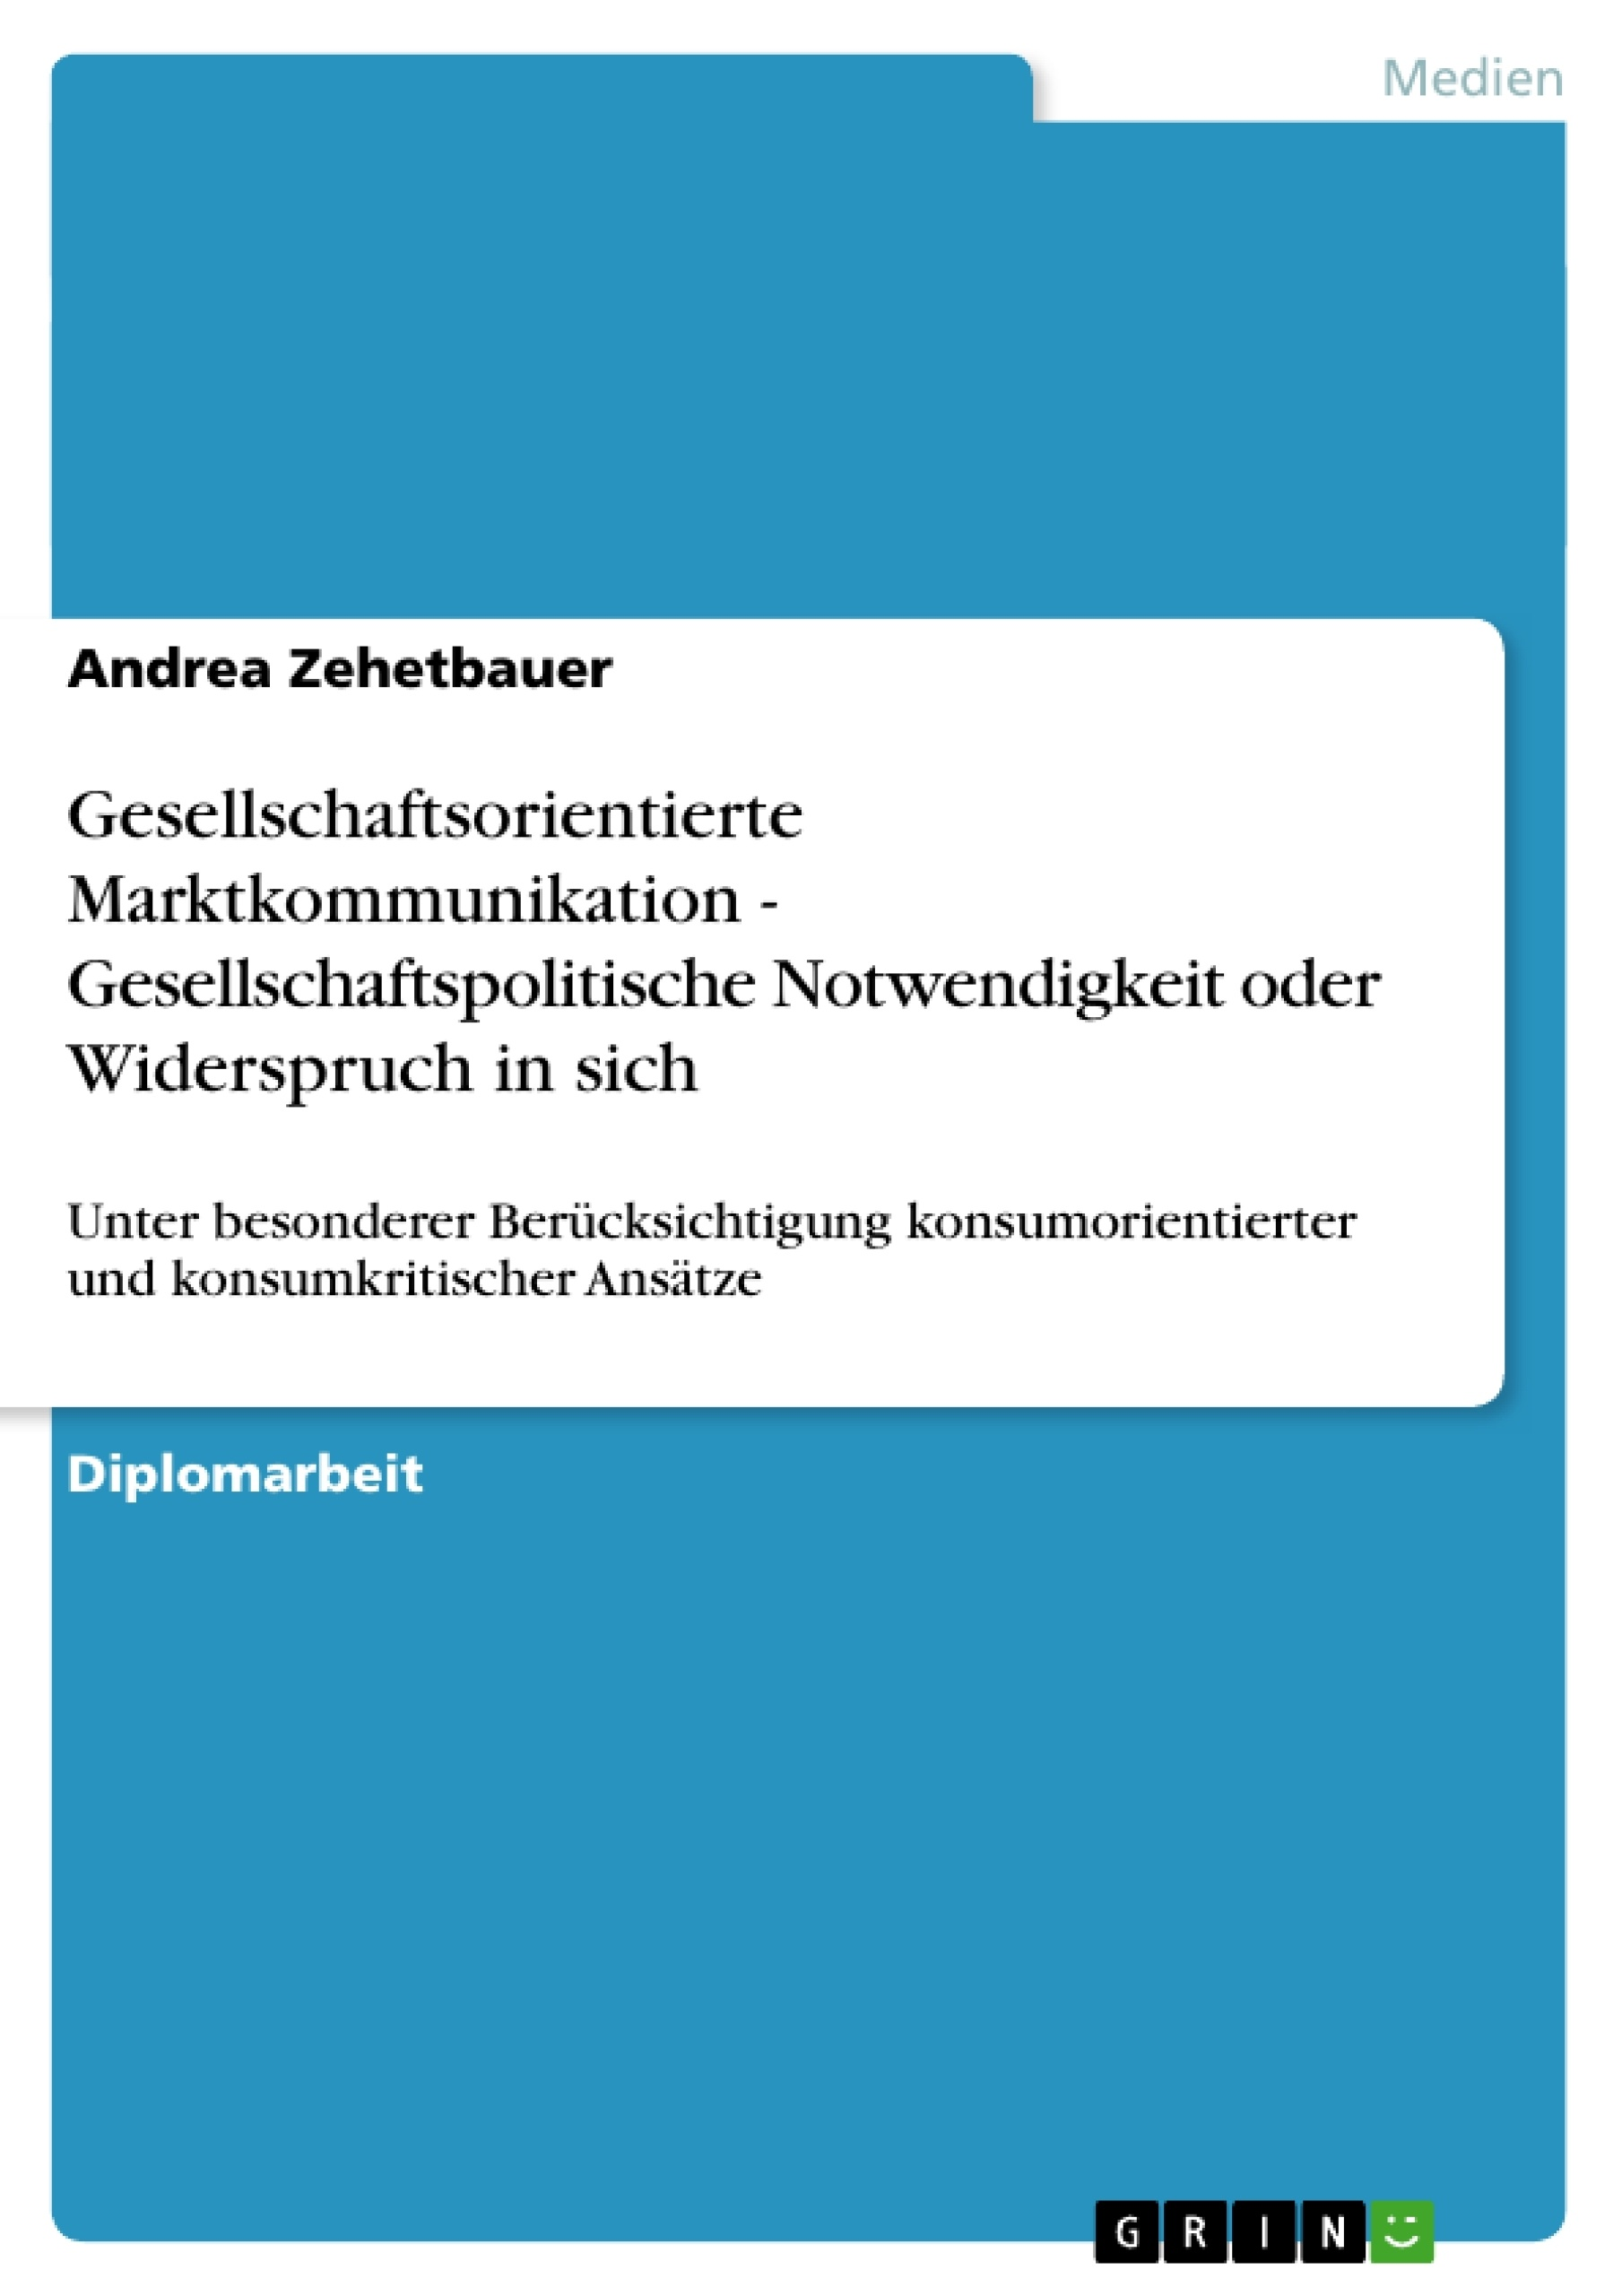 Titel: Gesellschaftsorientierte Marktkommunikation - Gesellschaftspolitische Notwendigkeit oder Widerspruch in sich